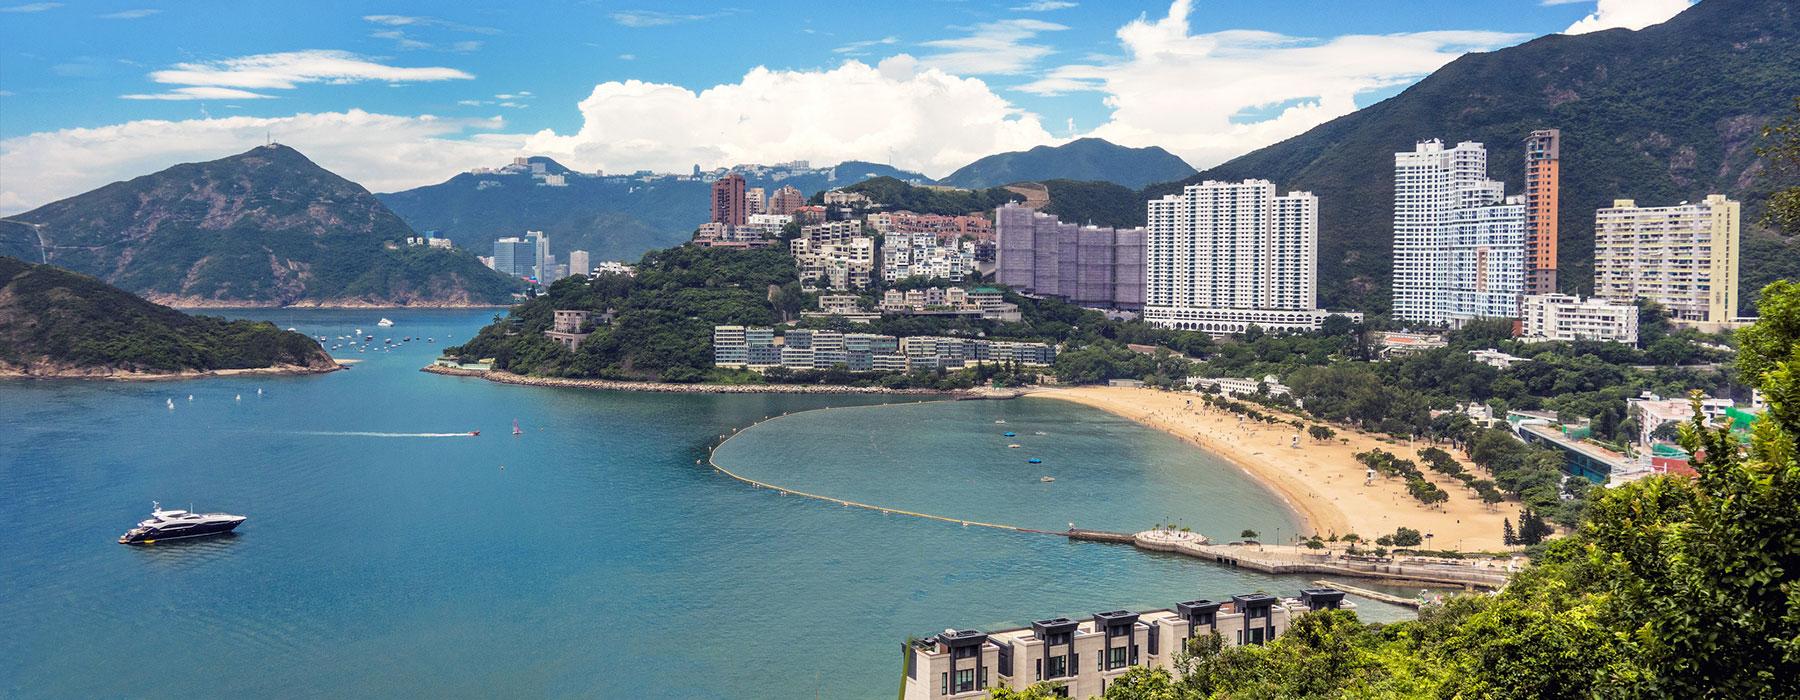 Beach Hongkong_6